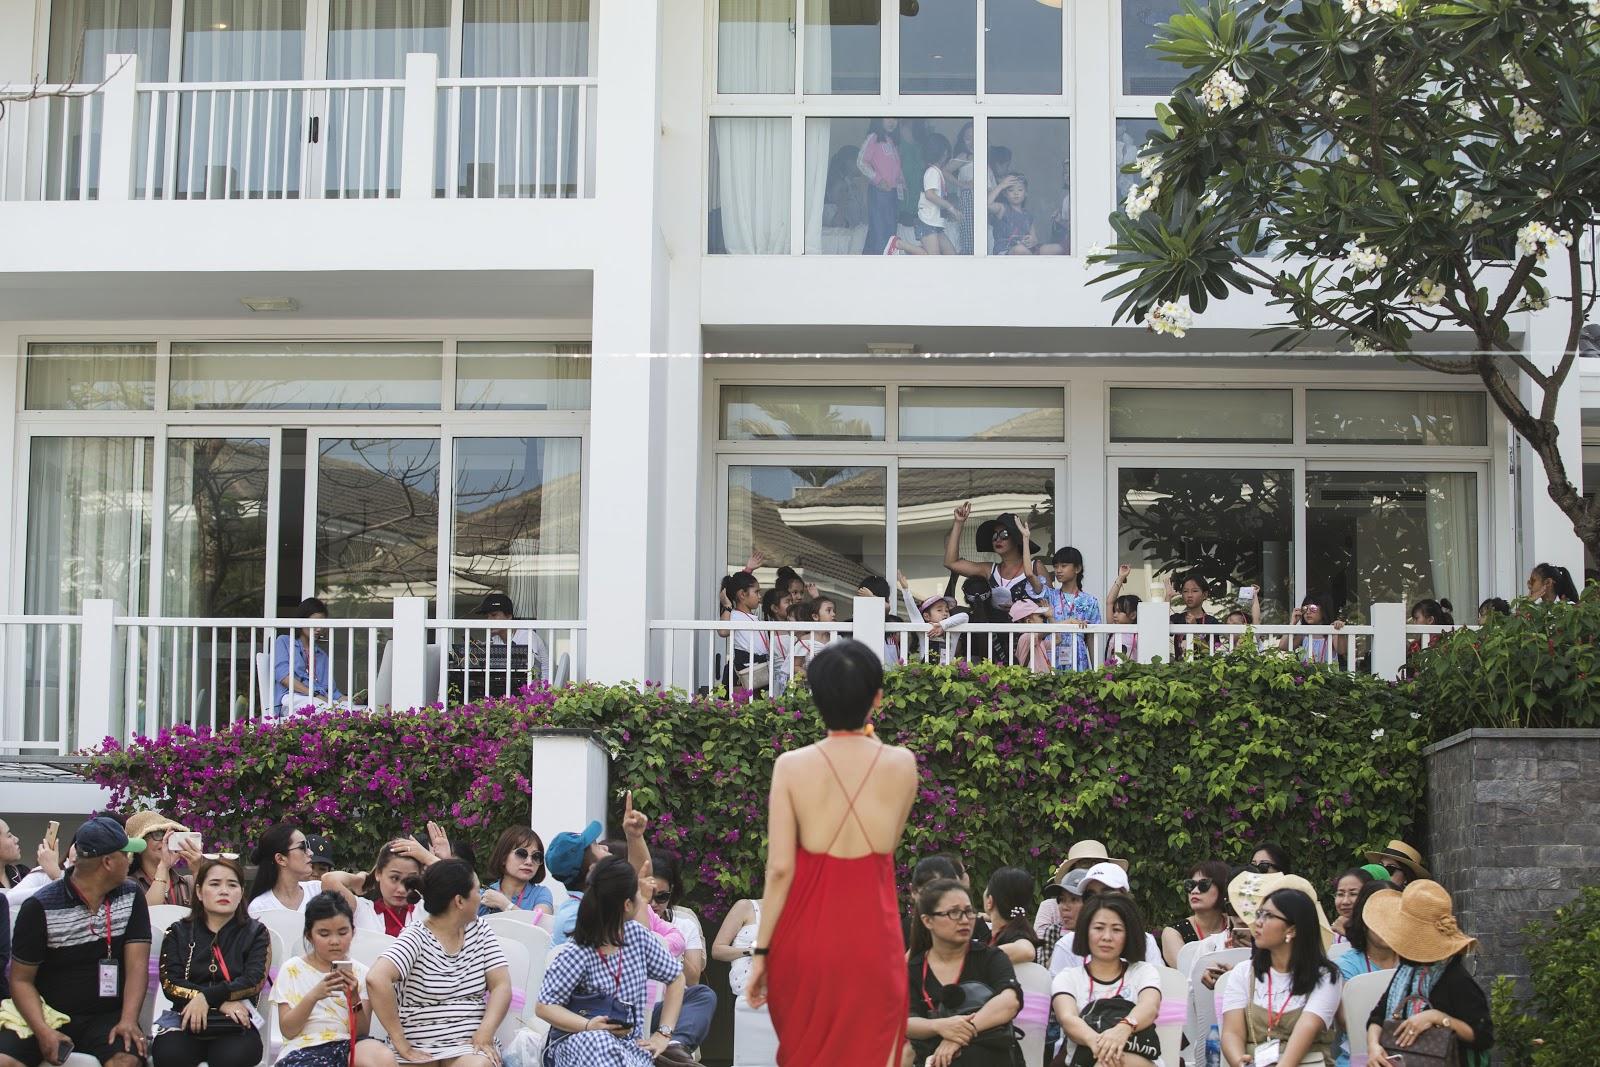 Cô giáo Xuân Lan đeo kính râm, mang dép lào tập luyện trước thềm Tuần lễ thời trang trẻ em Việt Nam 2019 - Hình 5